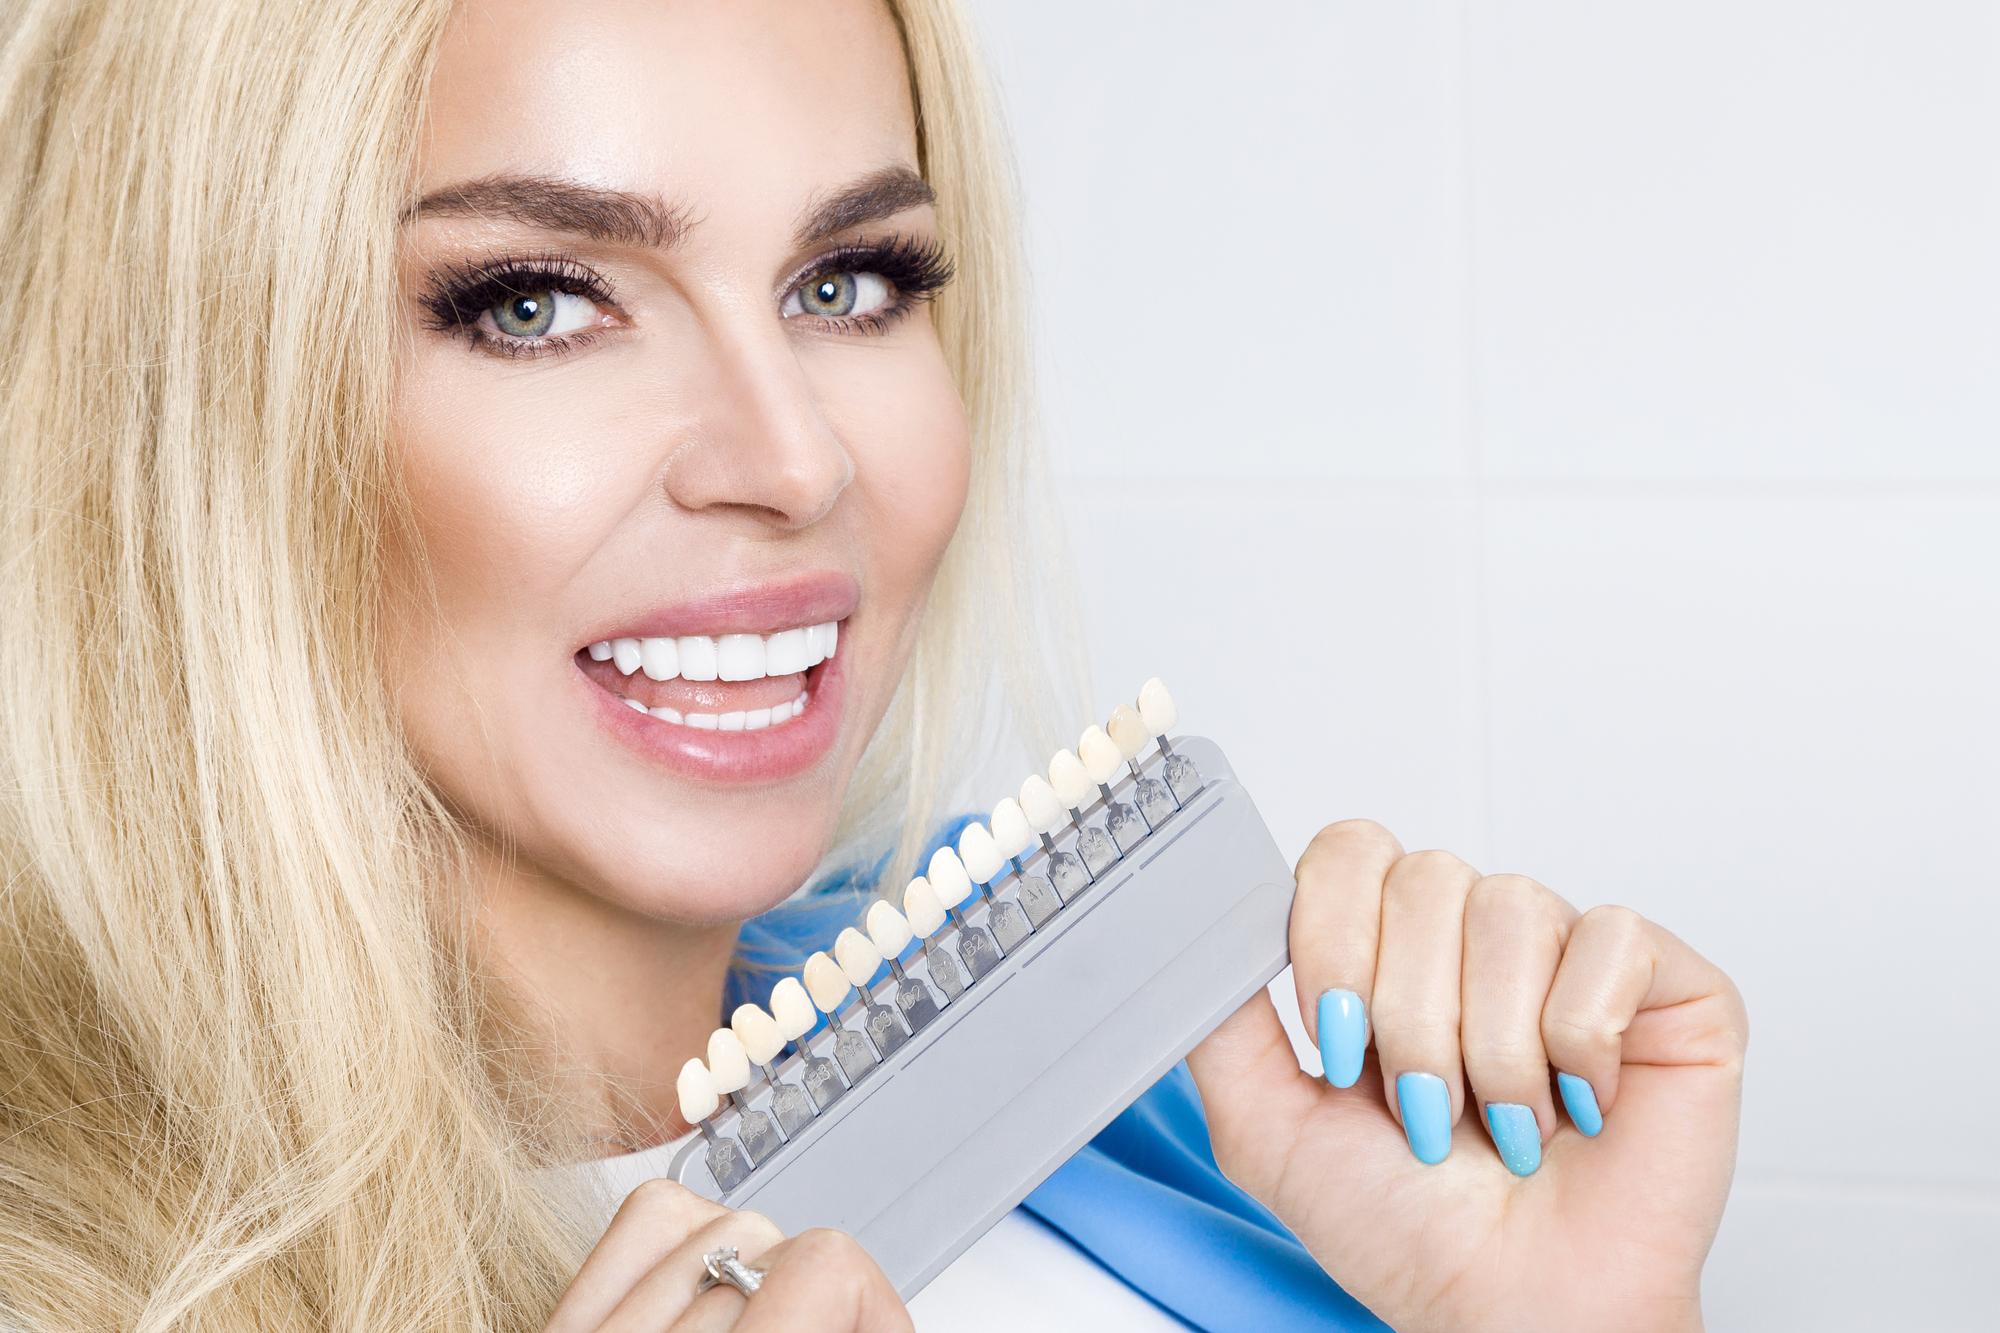 Зачем нужны виниры: рассказывает стоматолог